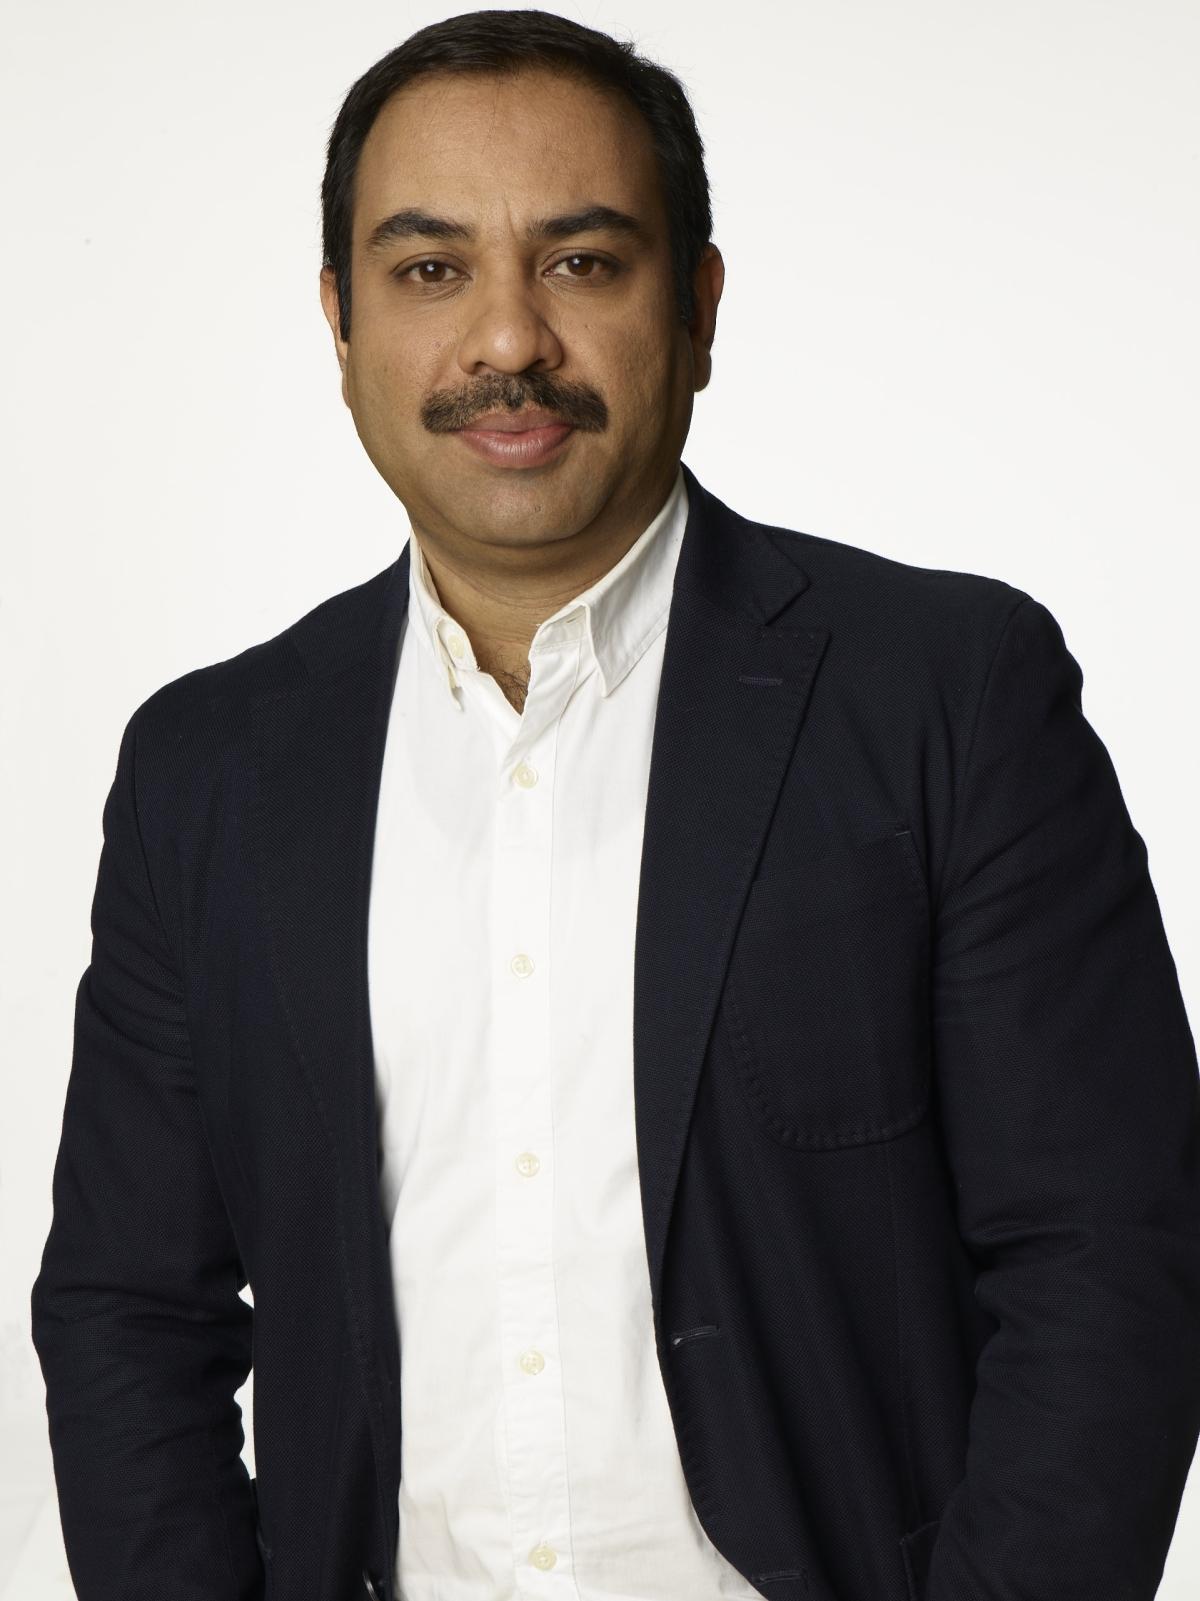 Paritosh Srivastava